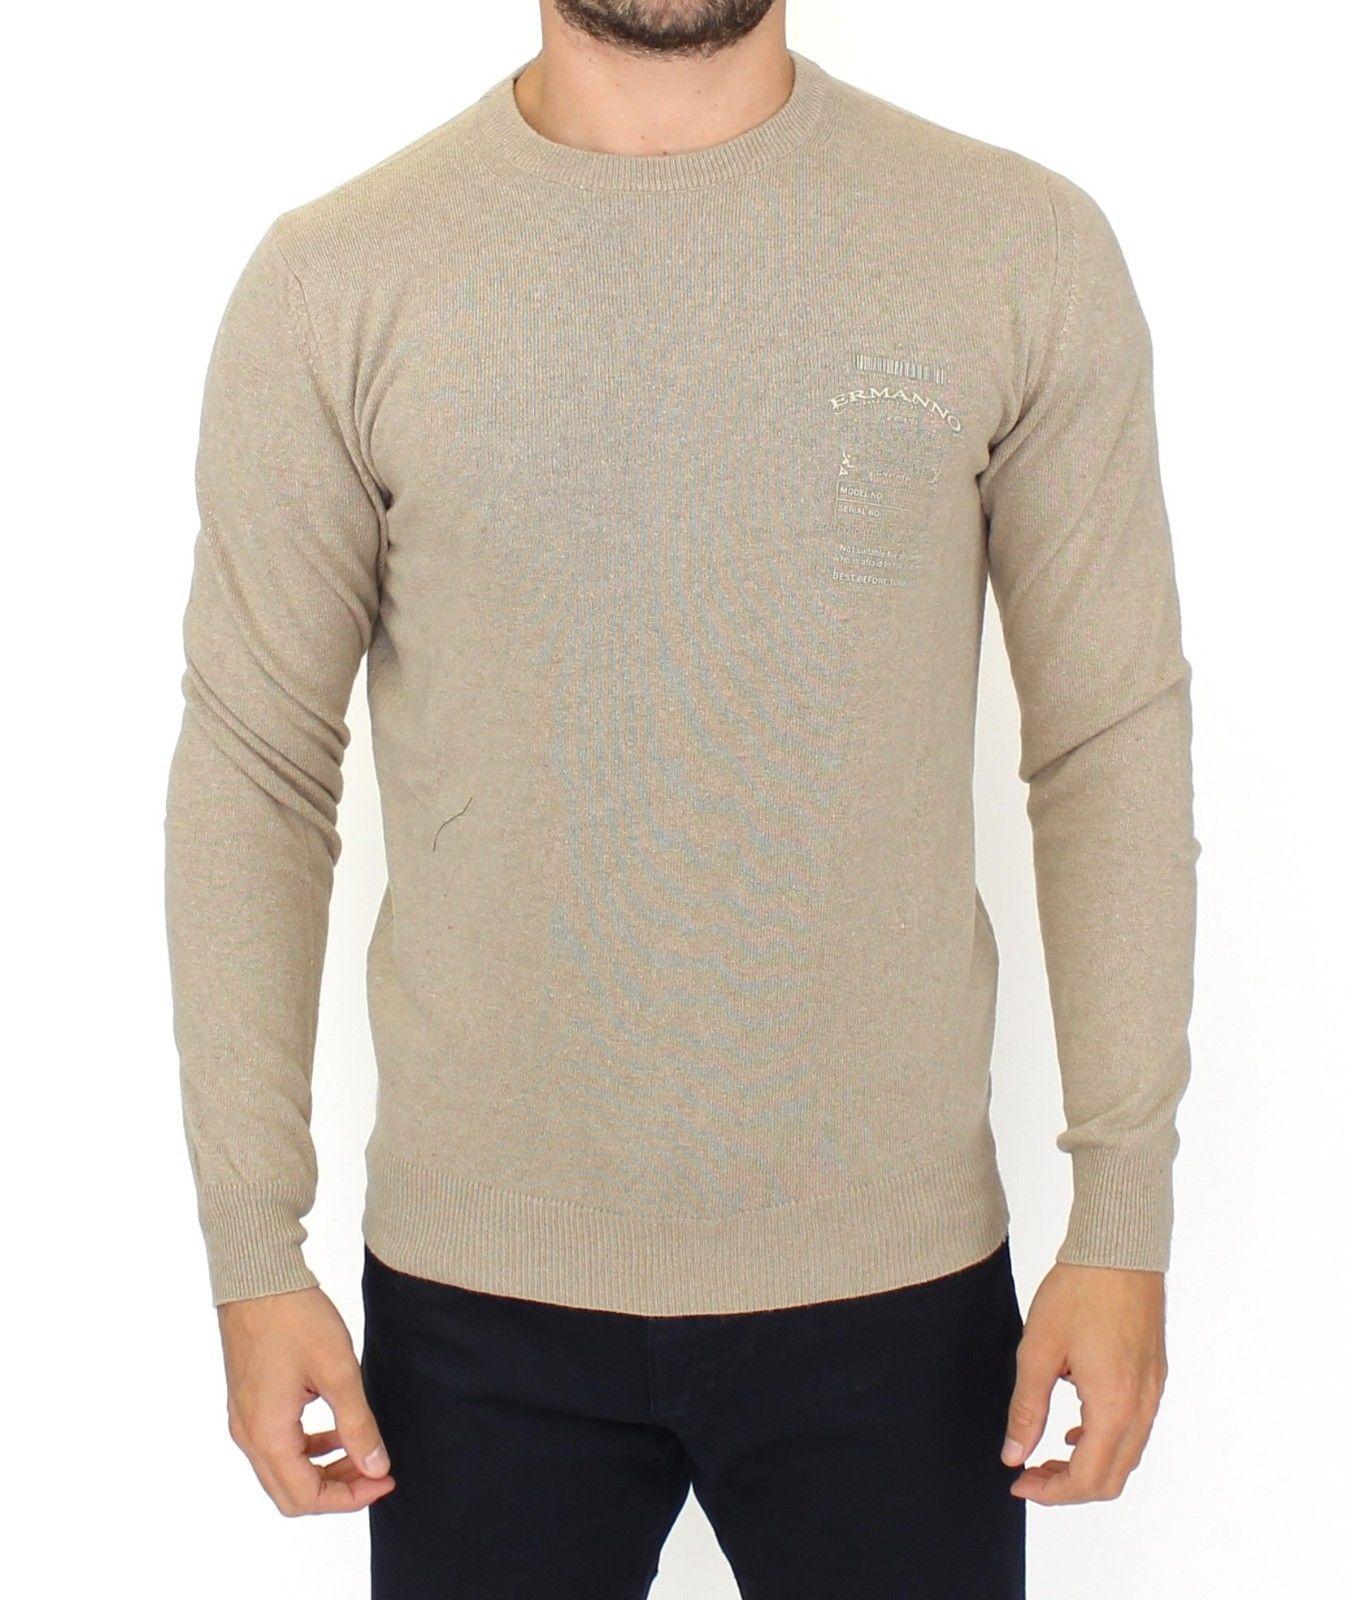 Ermanno Scervino Women's Cashmere Crew Neck Sweater Beige SIG10103 - IT54   XXL